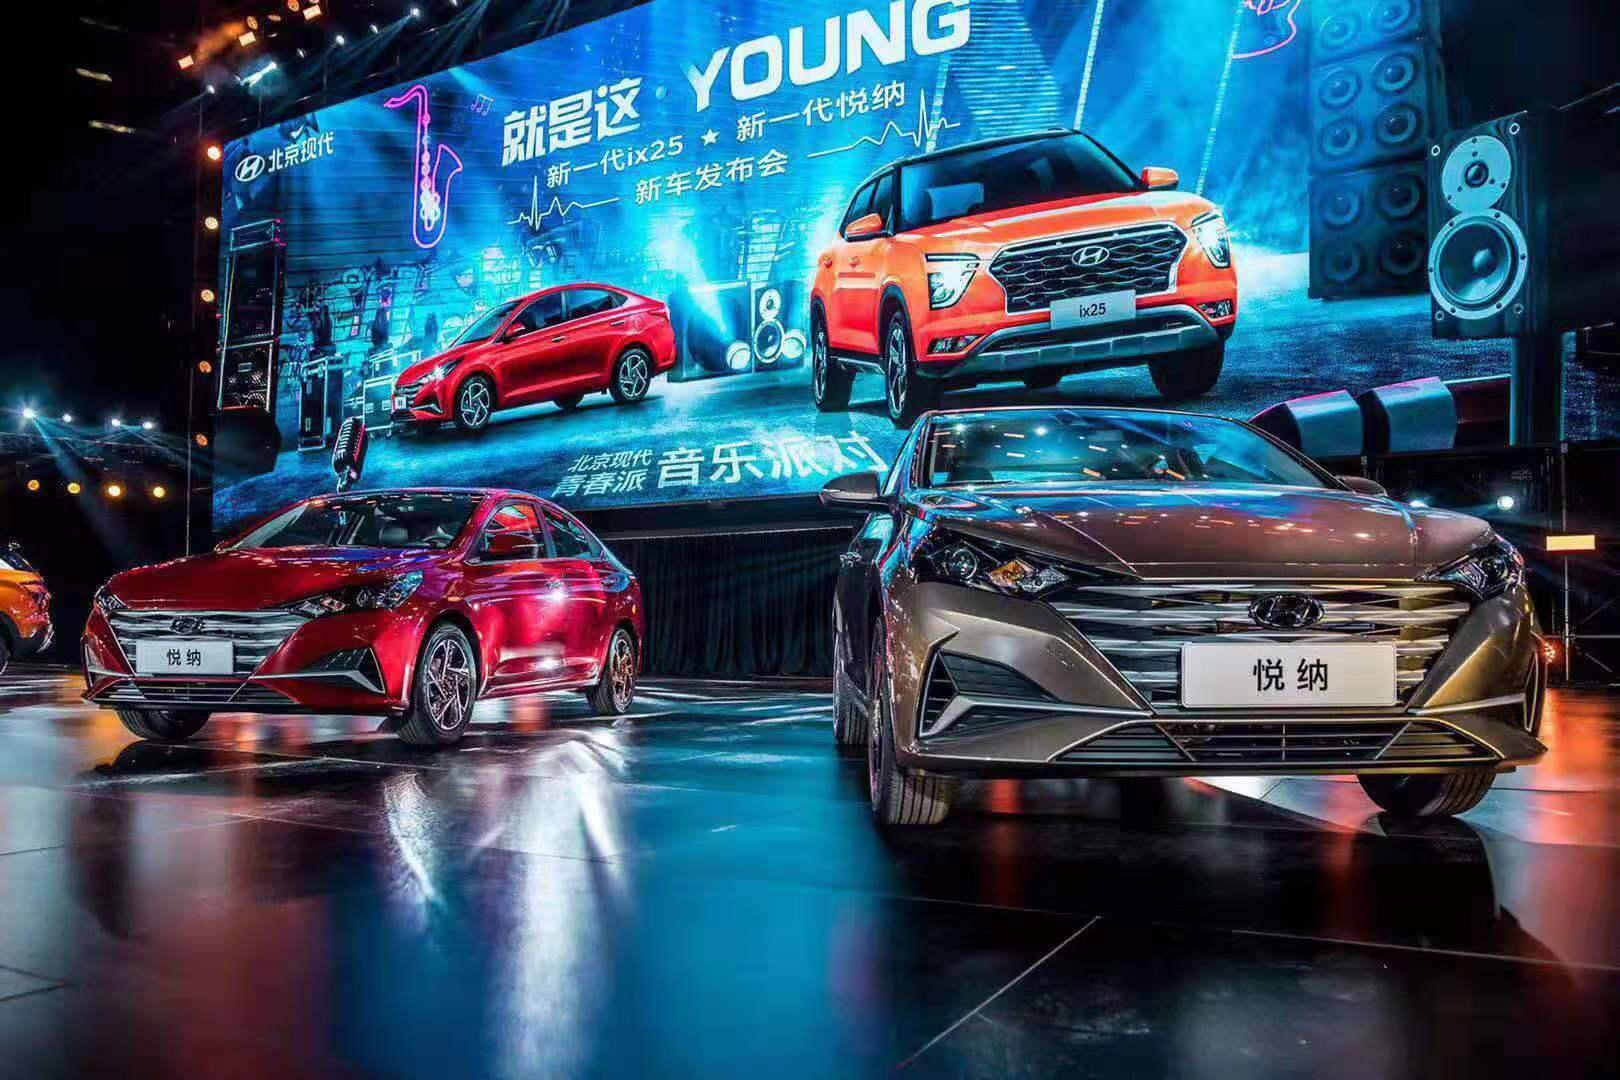 为年轻发声,新一代悦纳如何领航年轻用车潮流?